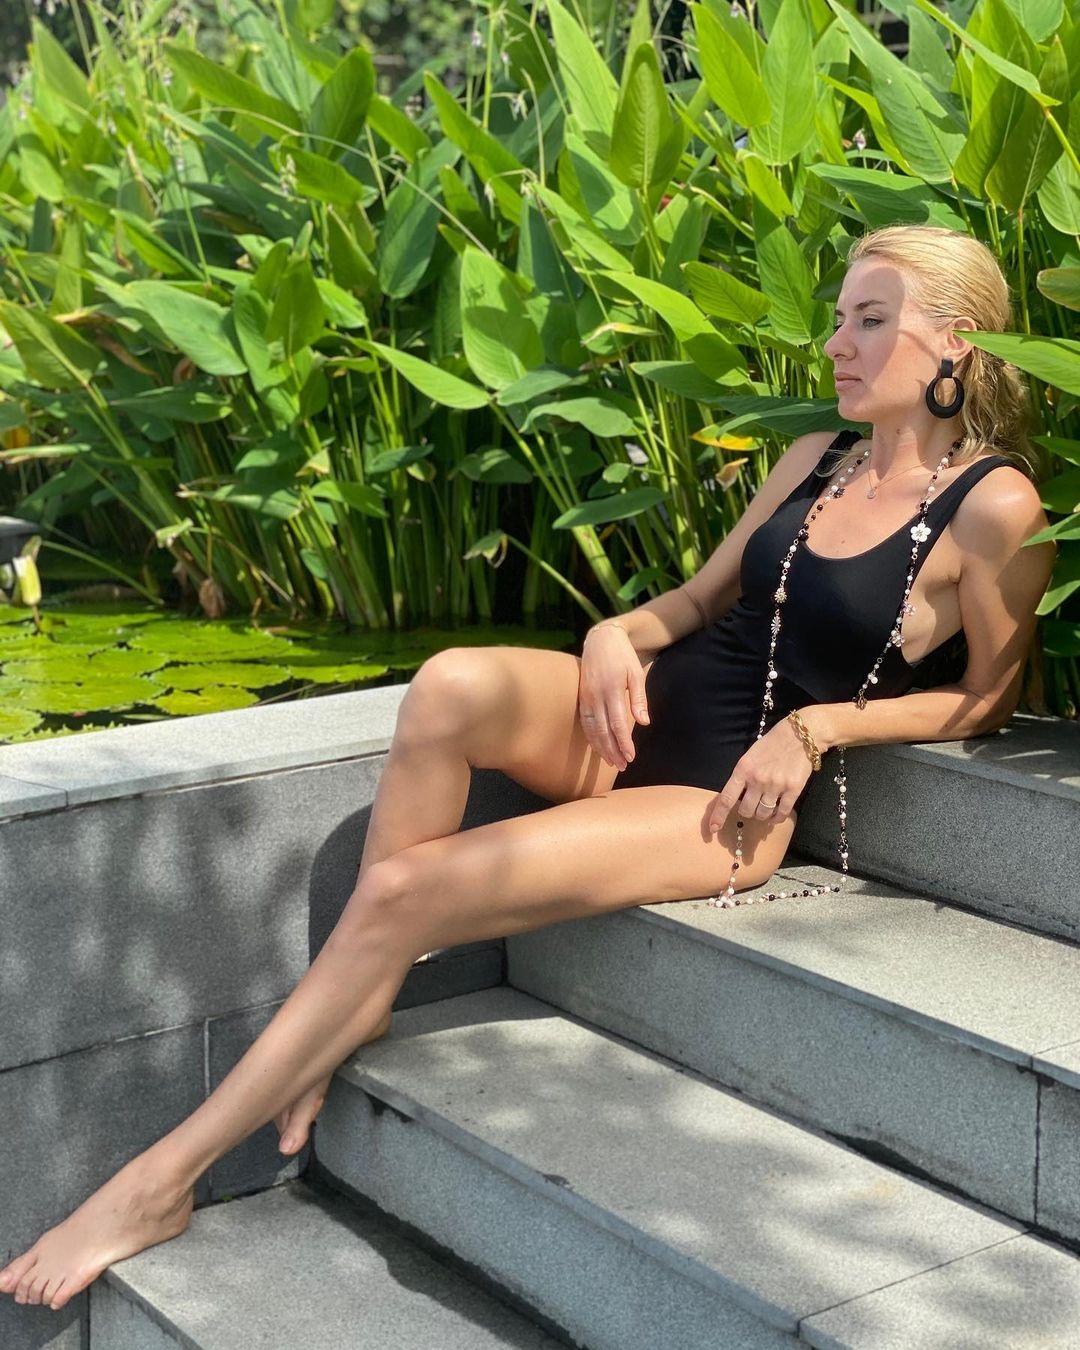 украинские звезды отдых новый год 2021 рождество отпуск путешествие ольга горбачева